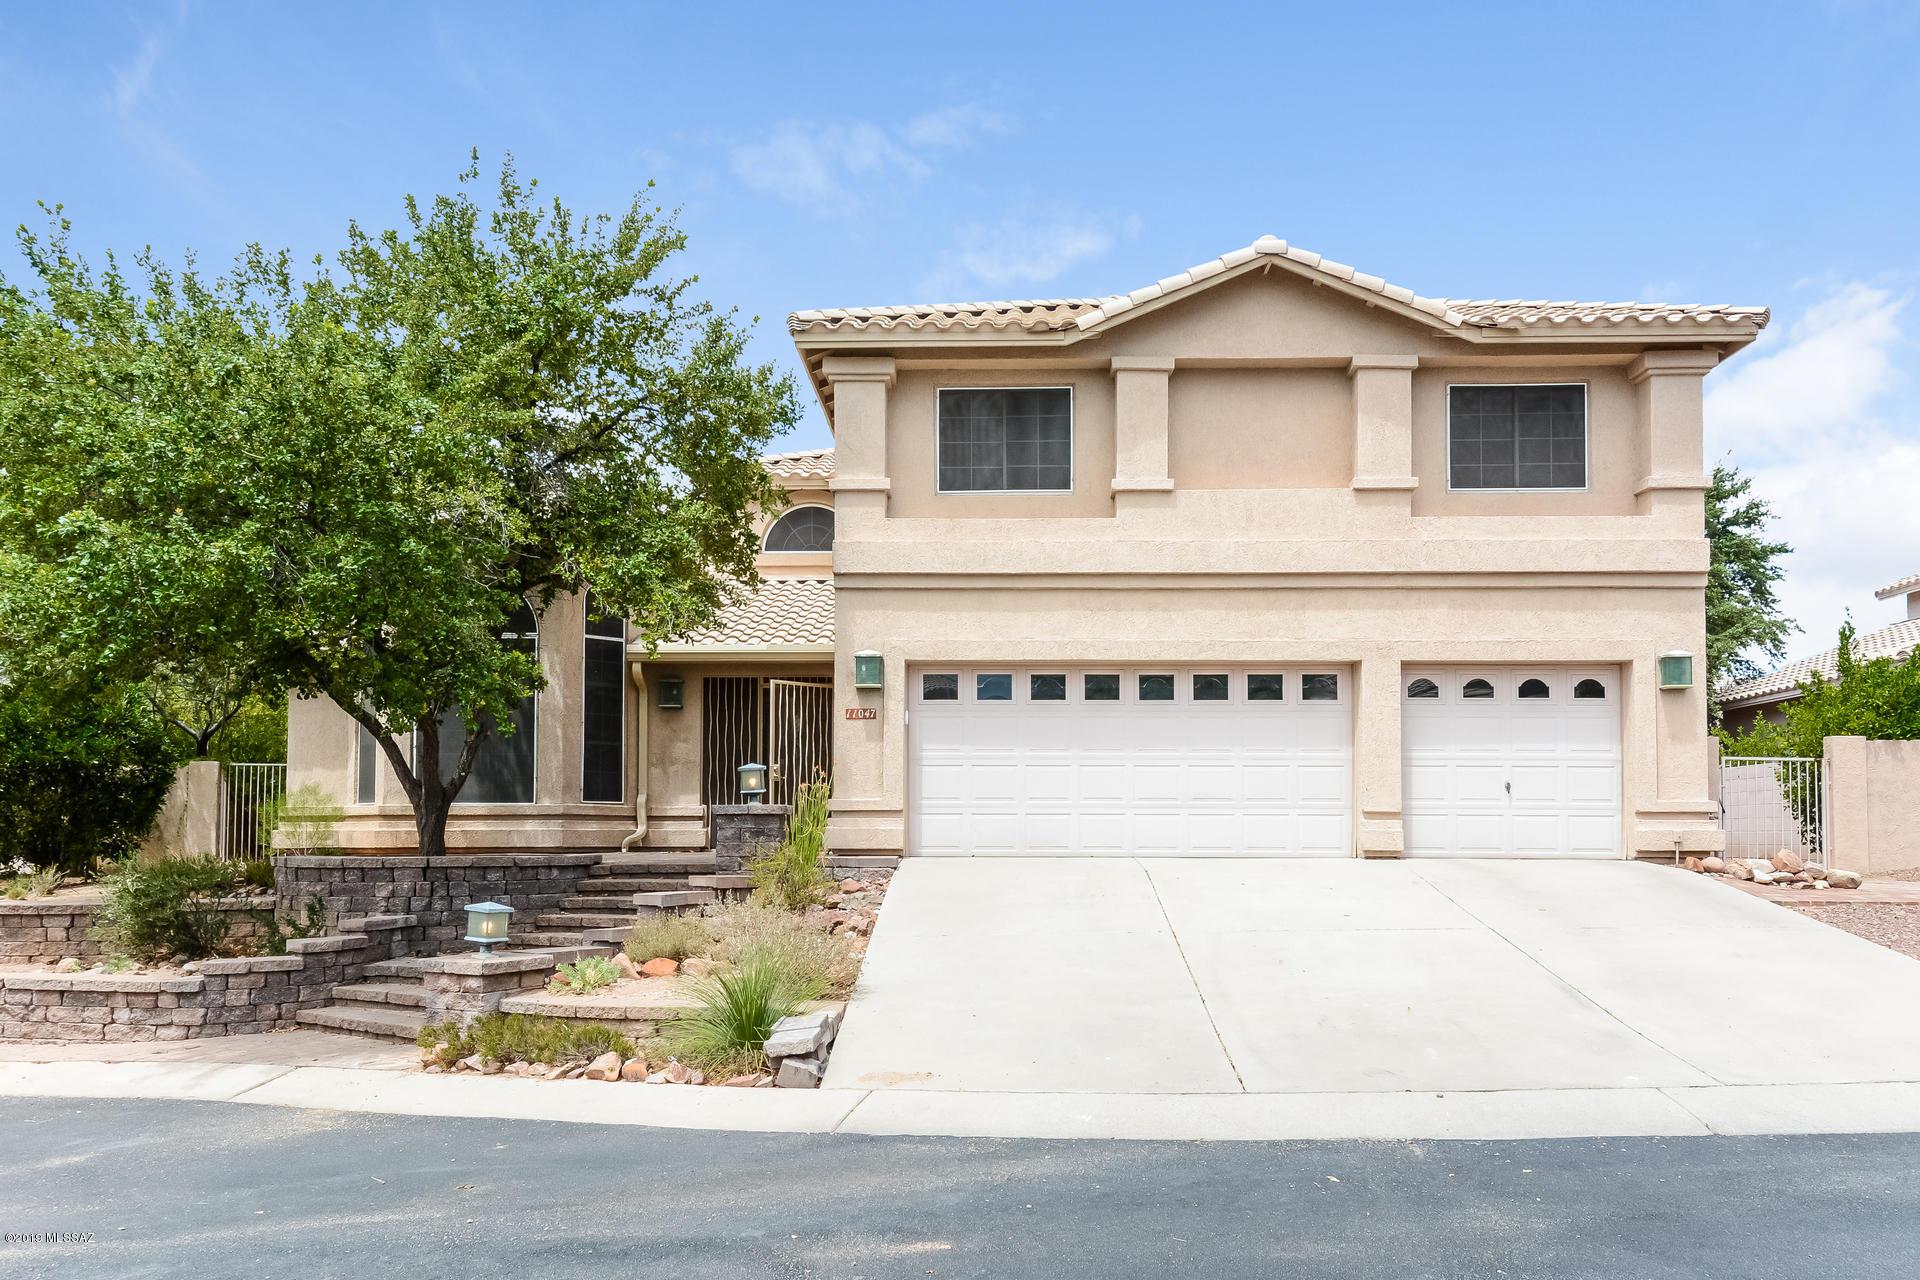 Photo of 11047 N Cloud View Place, Tucson, AZ 85737